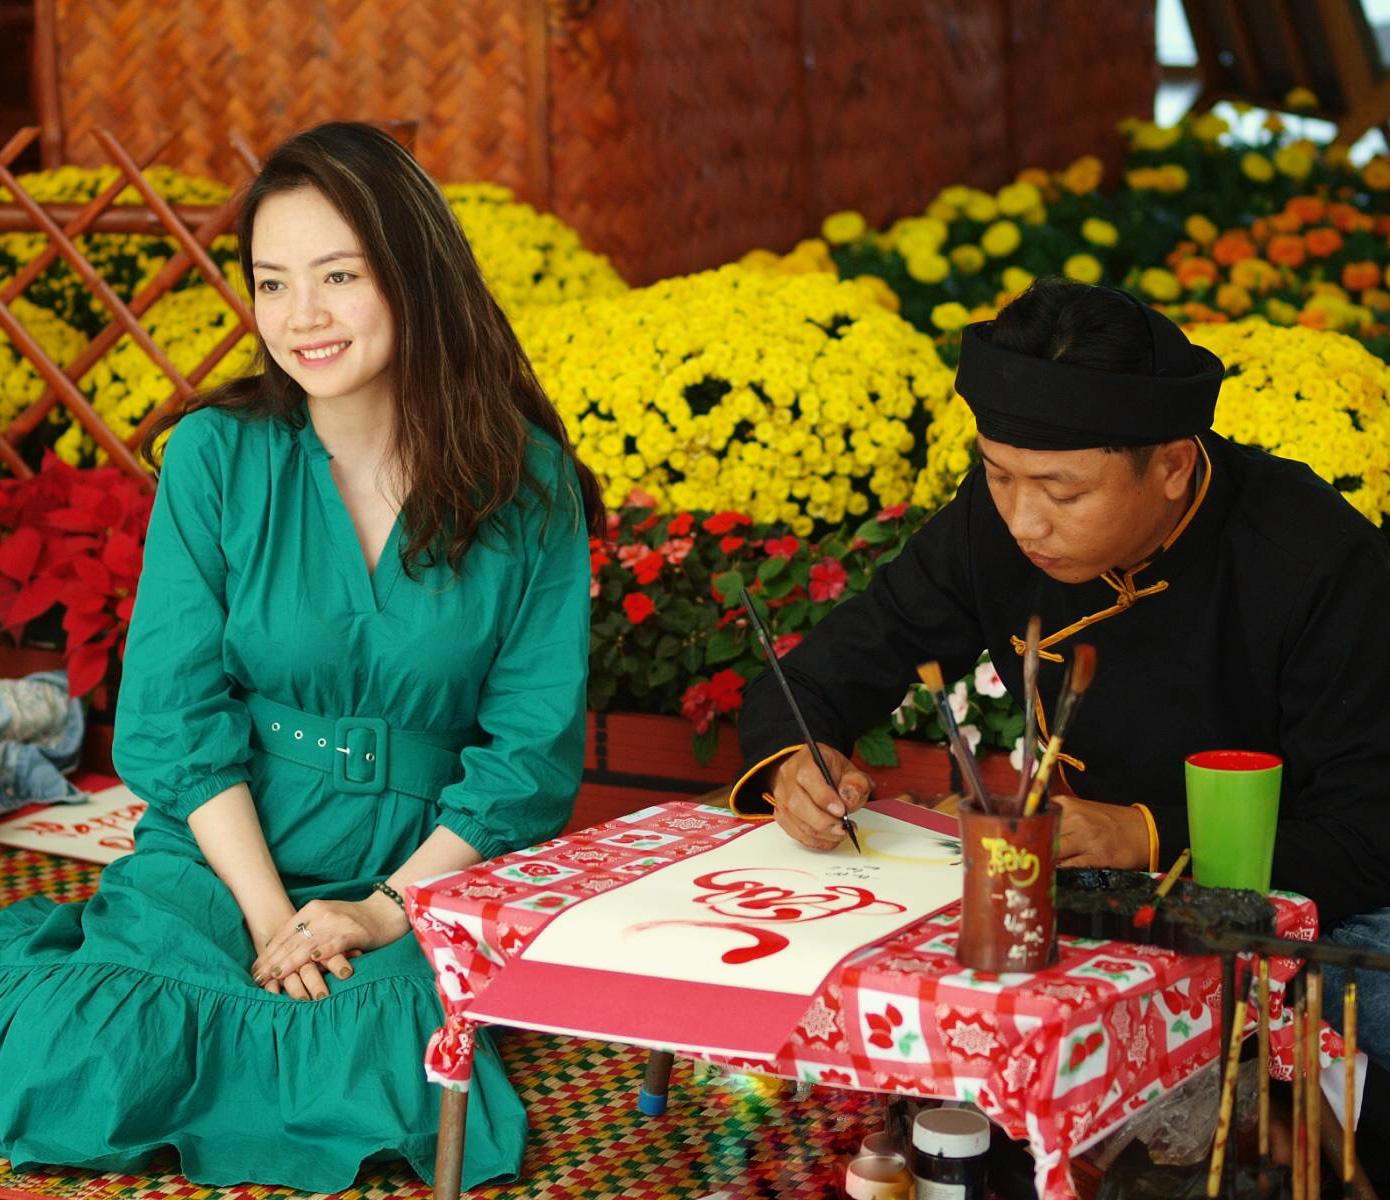 """Ghé thăm """"tân binh khủng long"""" FLC Grand Hotel Quy Nhon - địa điểm """"quẩy"""" cực đã mùa lễ hội cuối năm - Ảnh 2."""